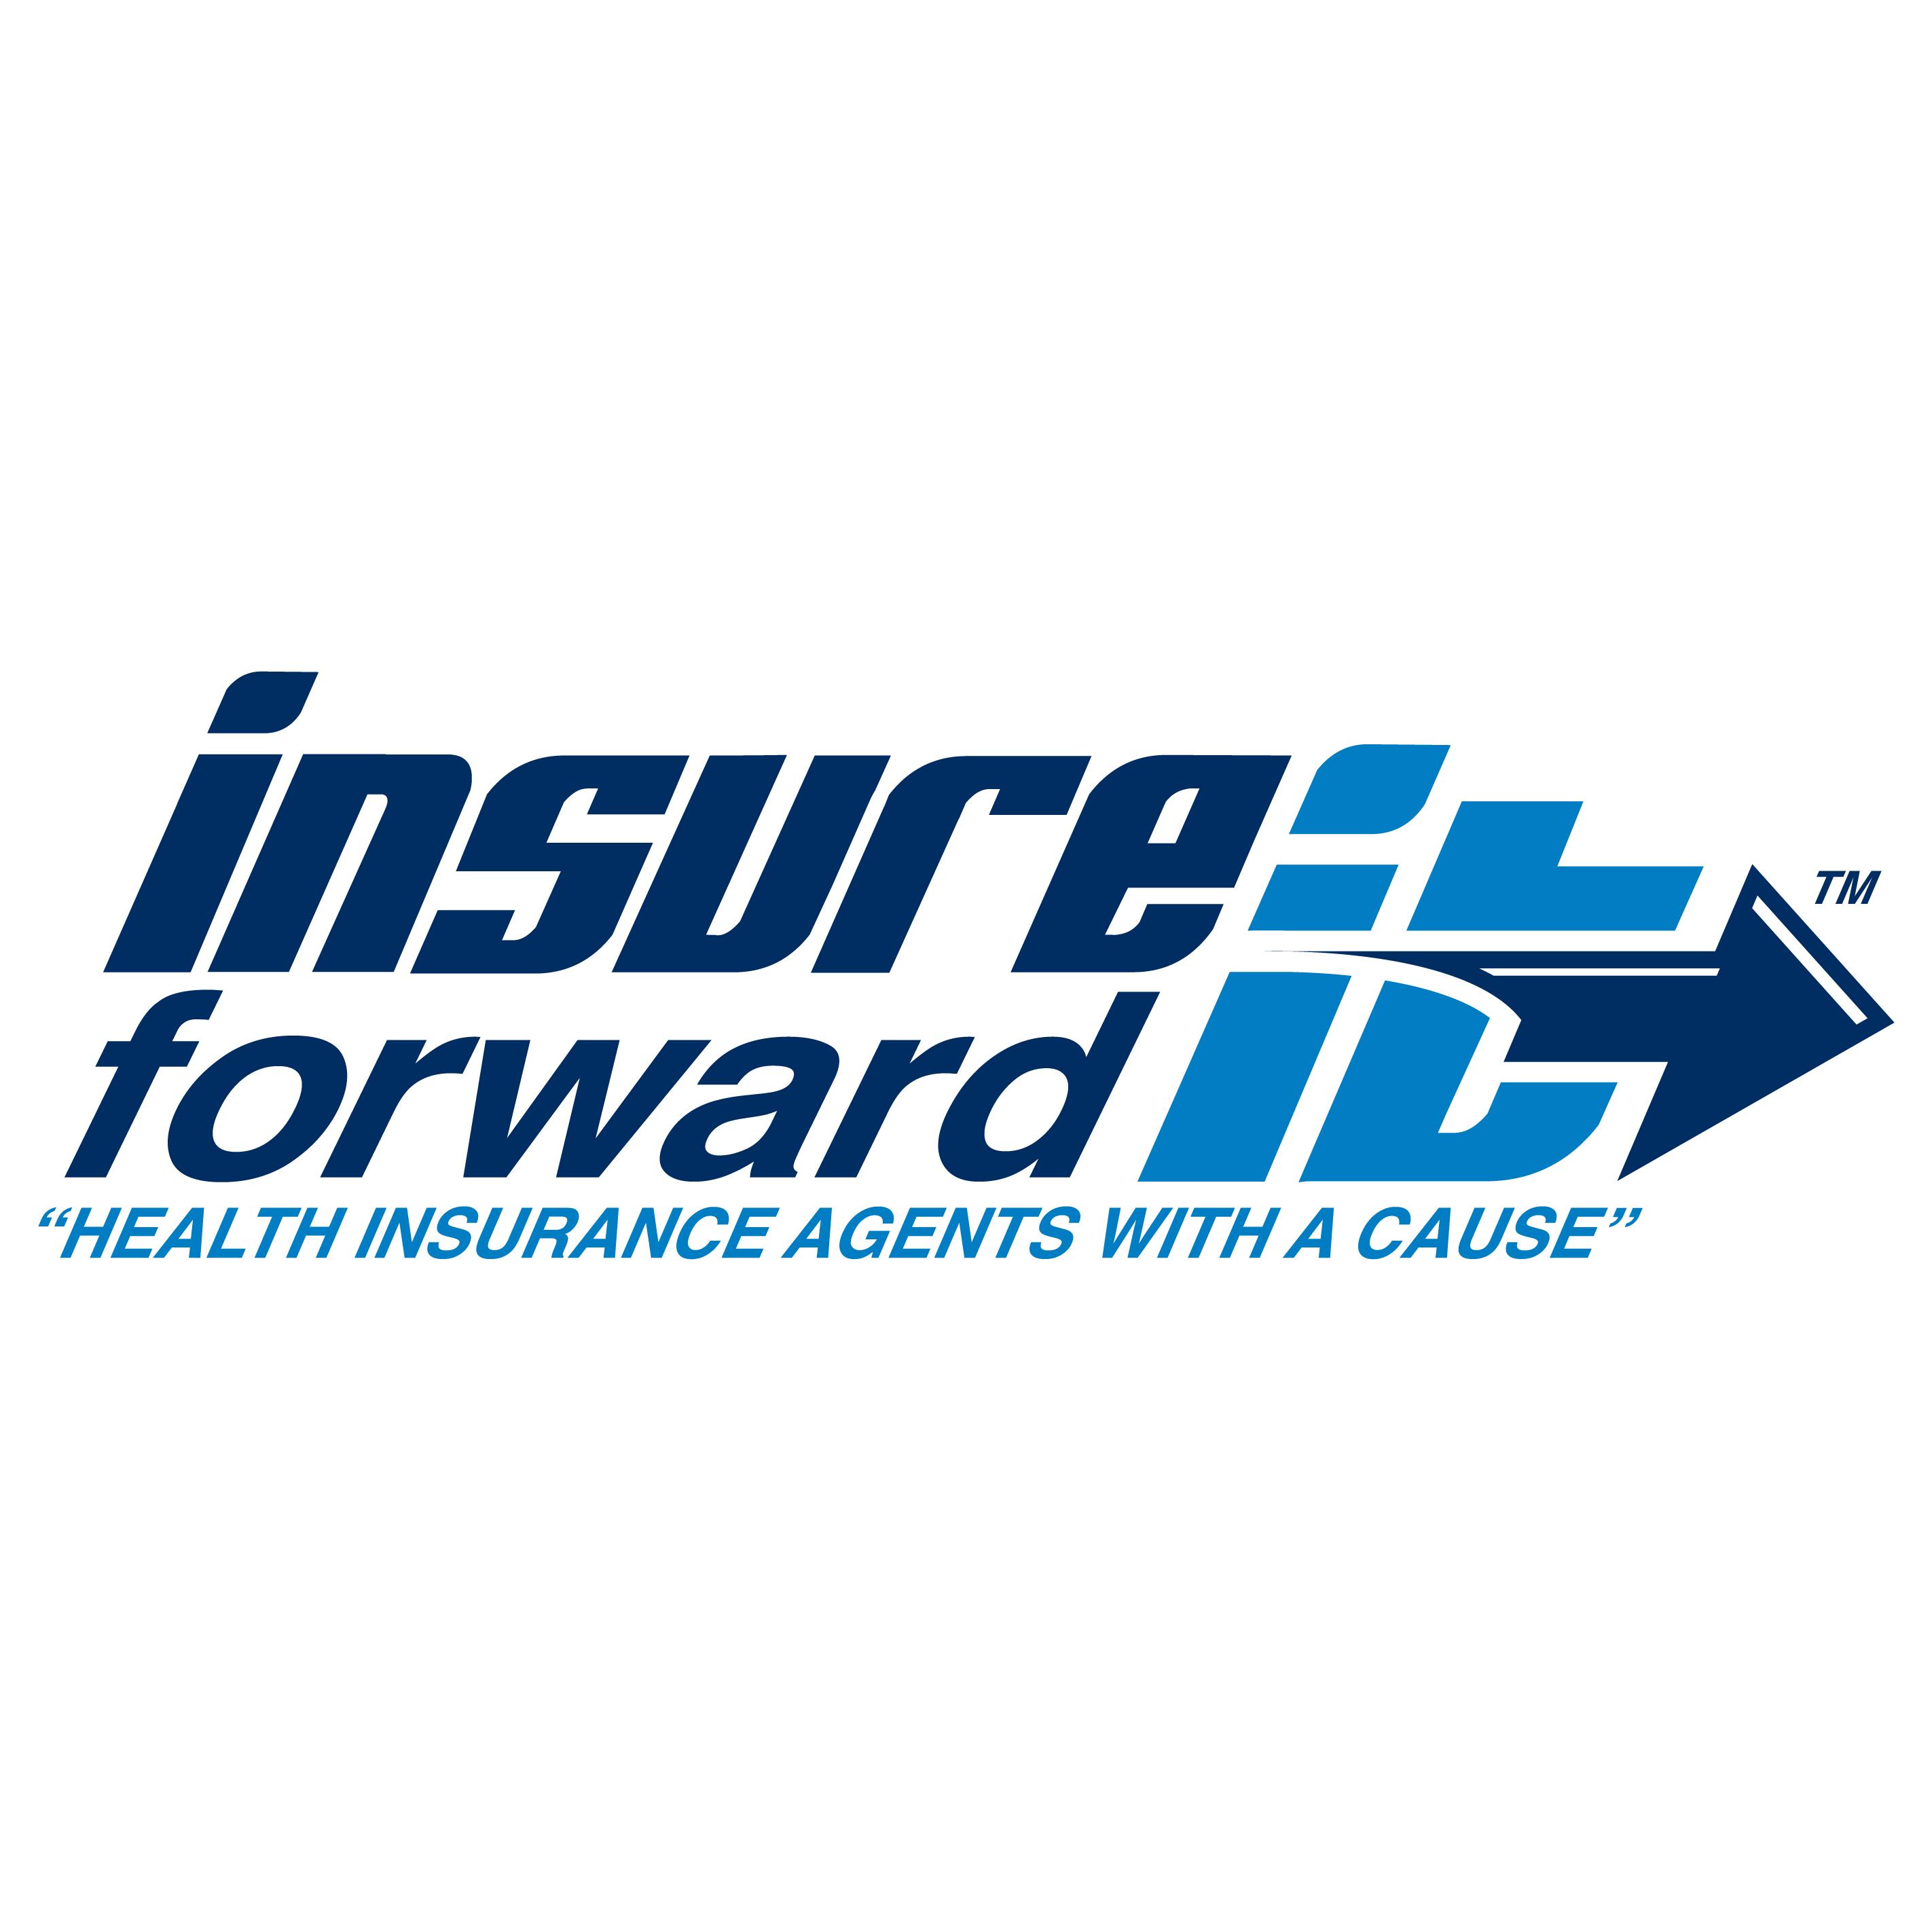 Insure It Forward, Inc.